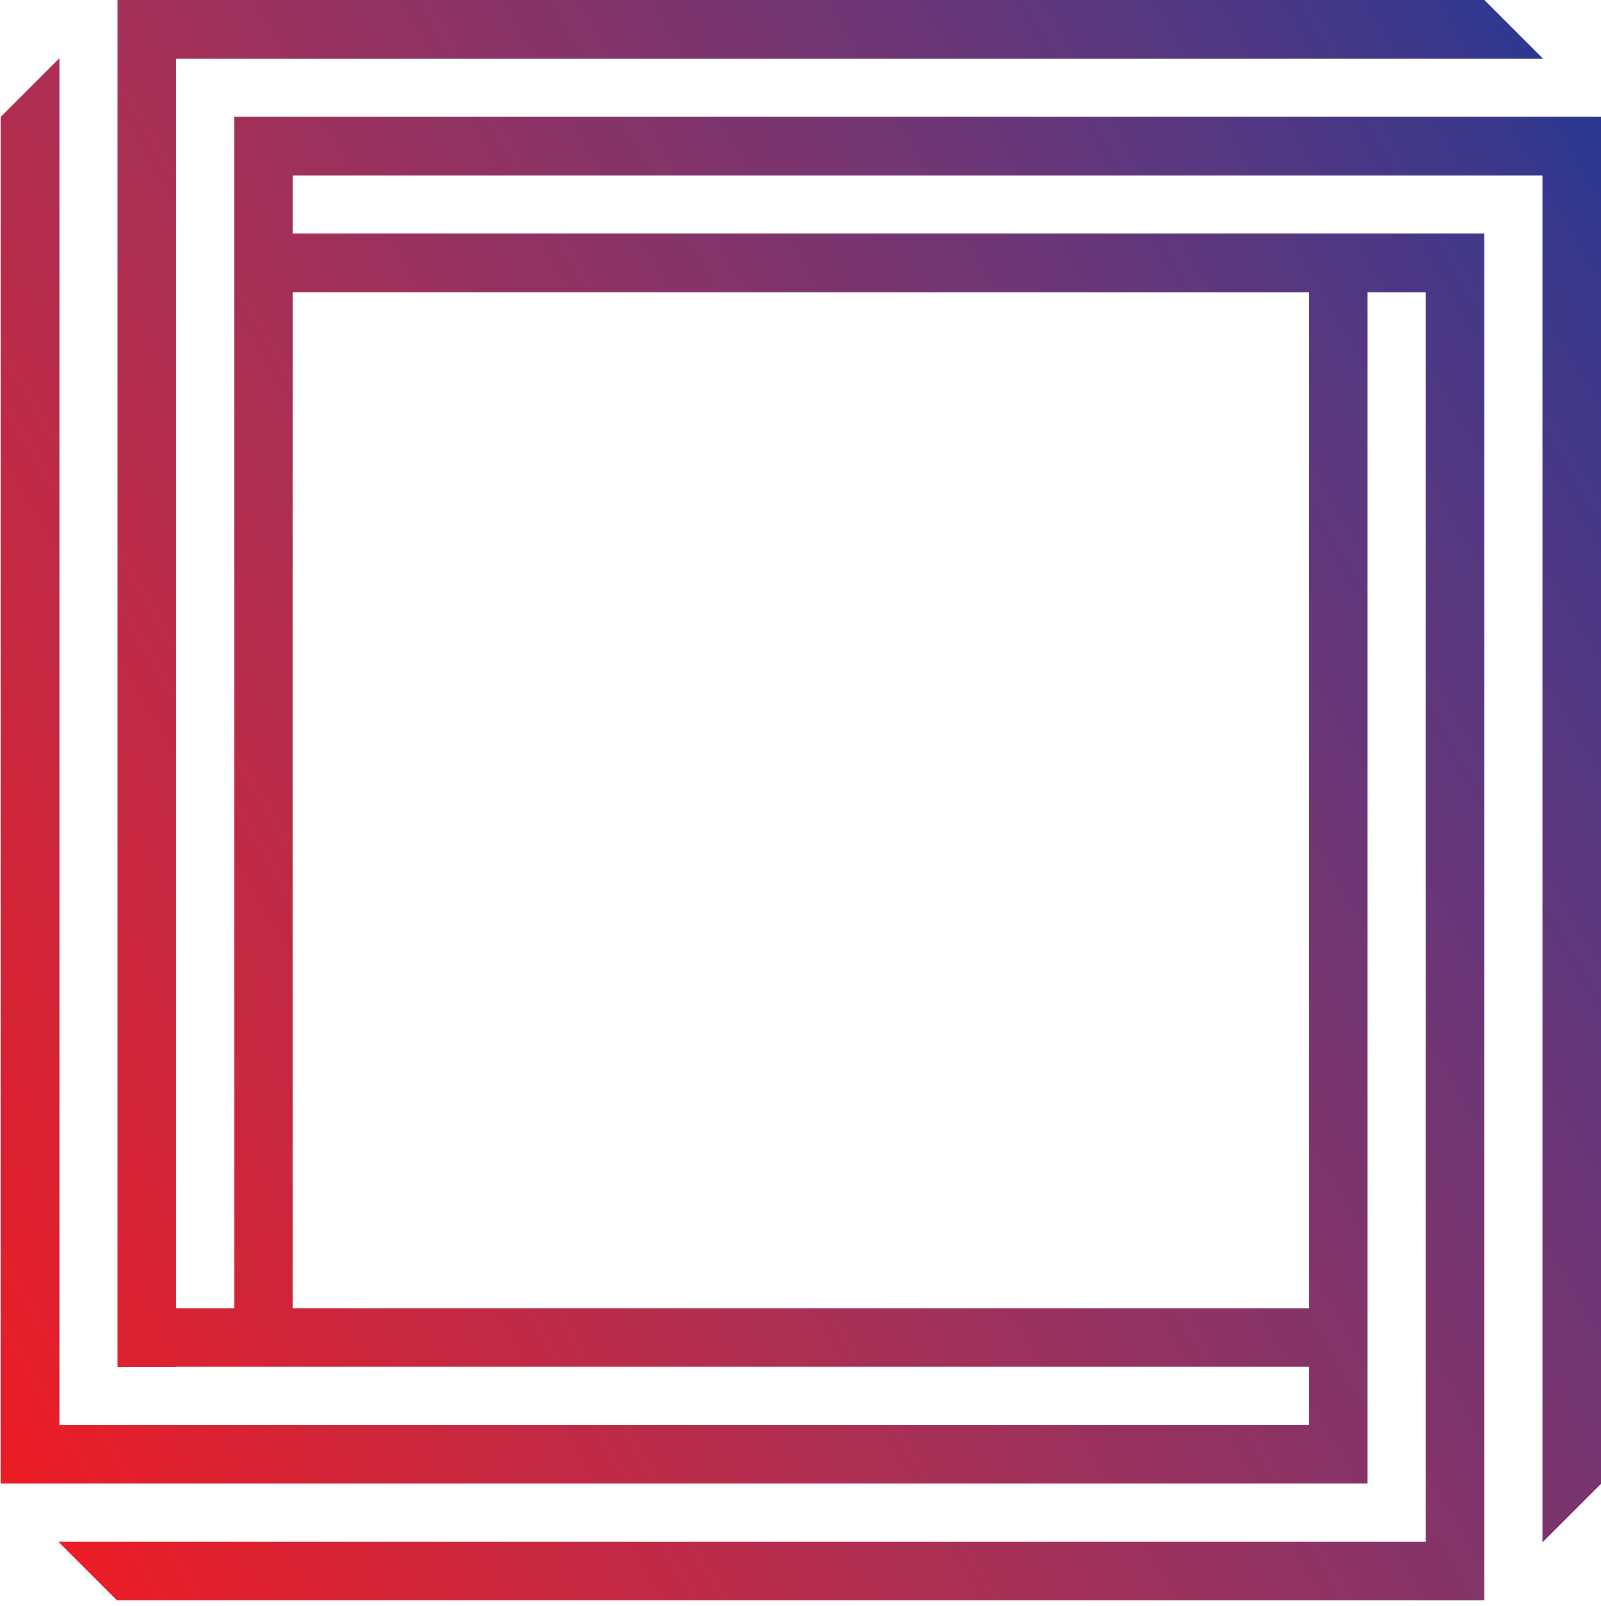 Phrame_logo-DonkereAchtergrond